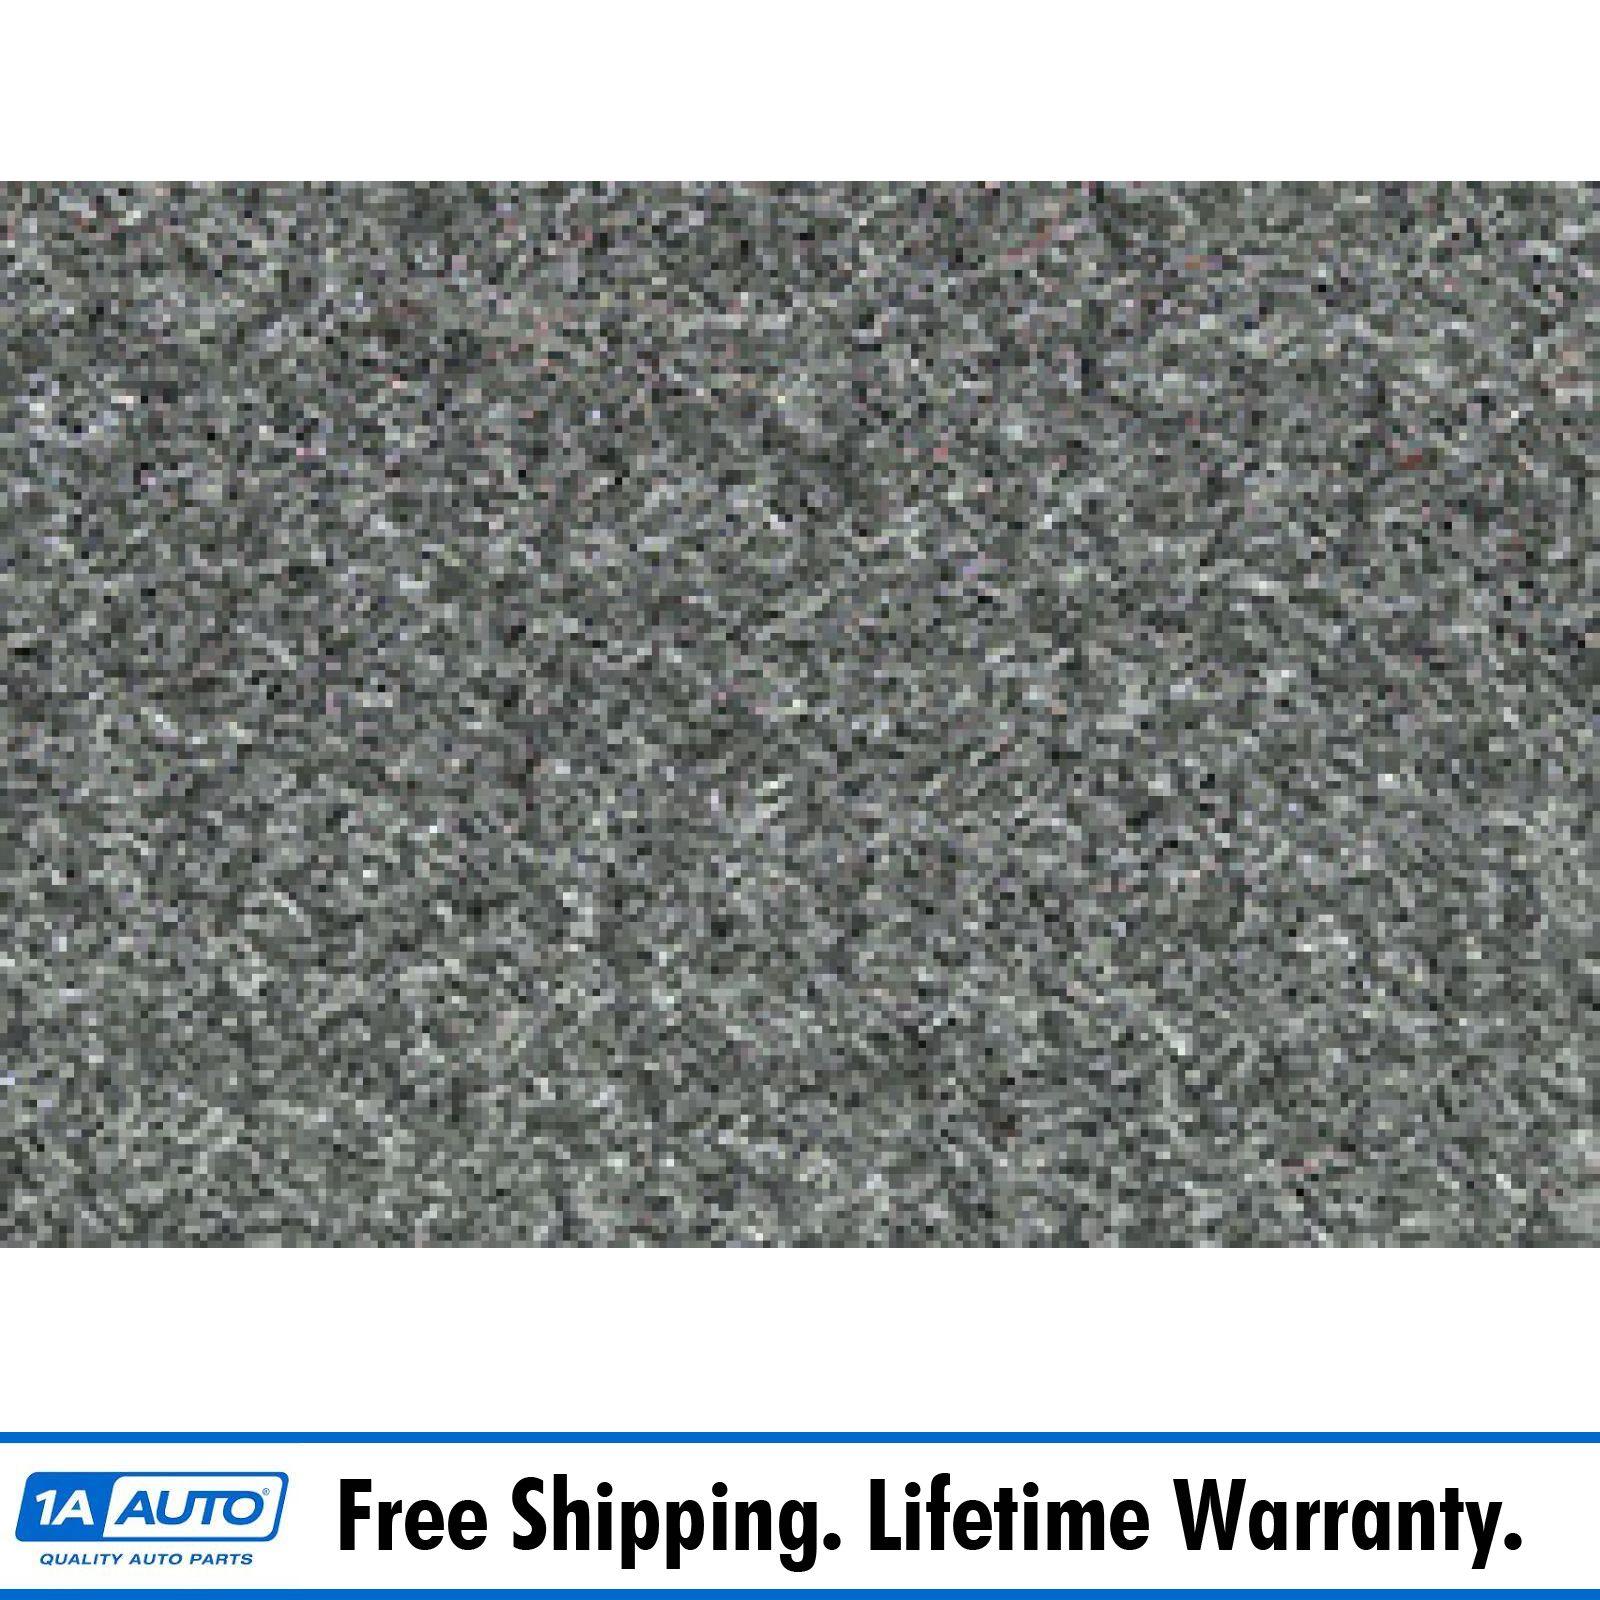 2000-2006 Chevrolet Tahoe 4 Door Replacement Cutpile Carpet Passenger Area